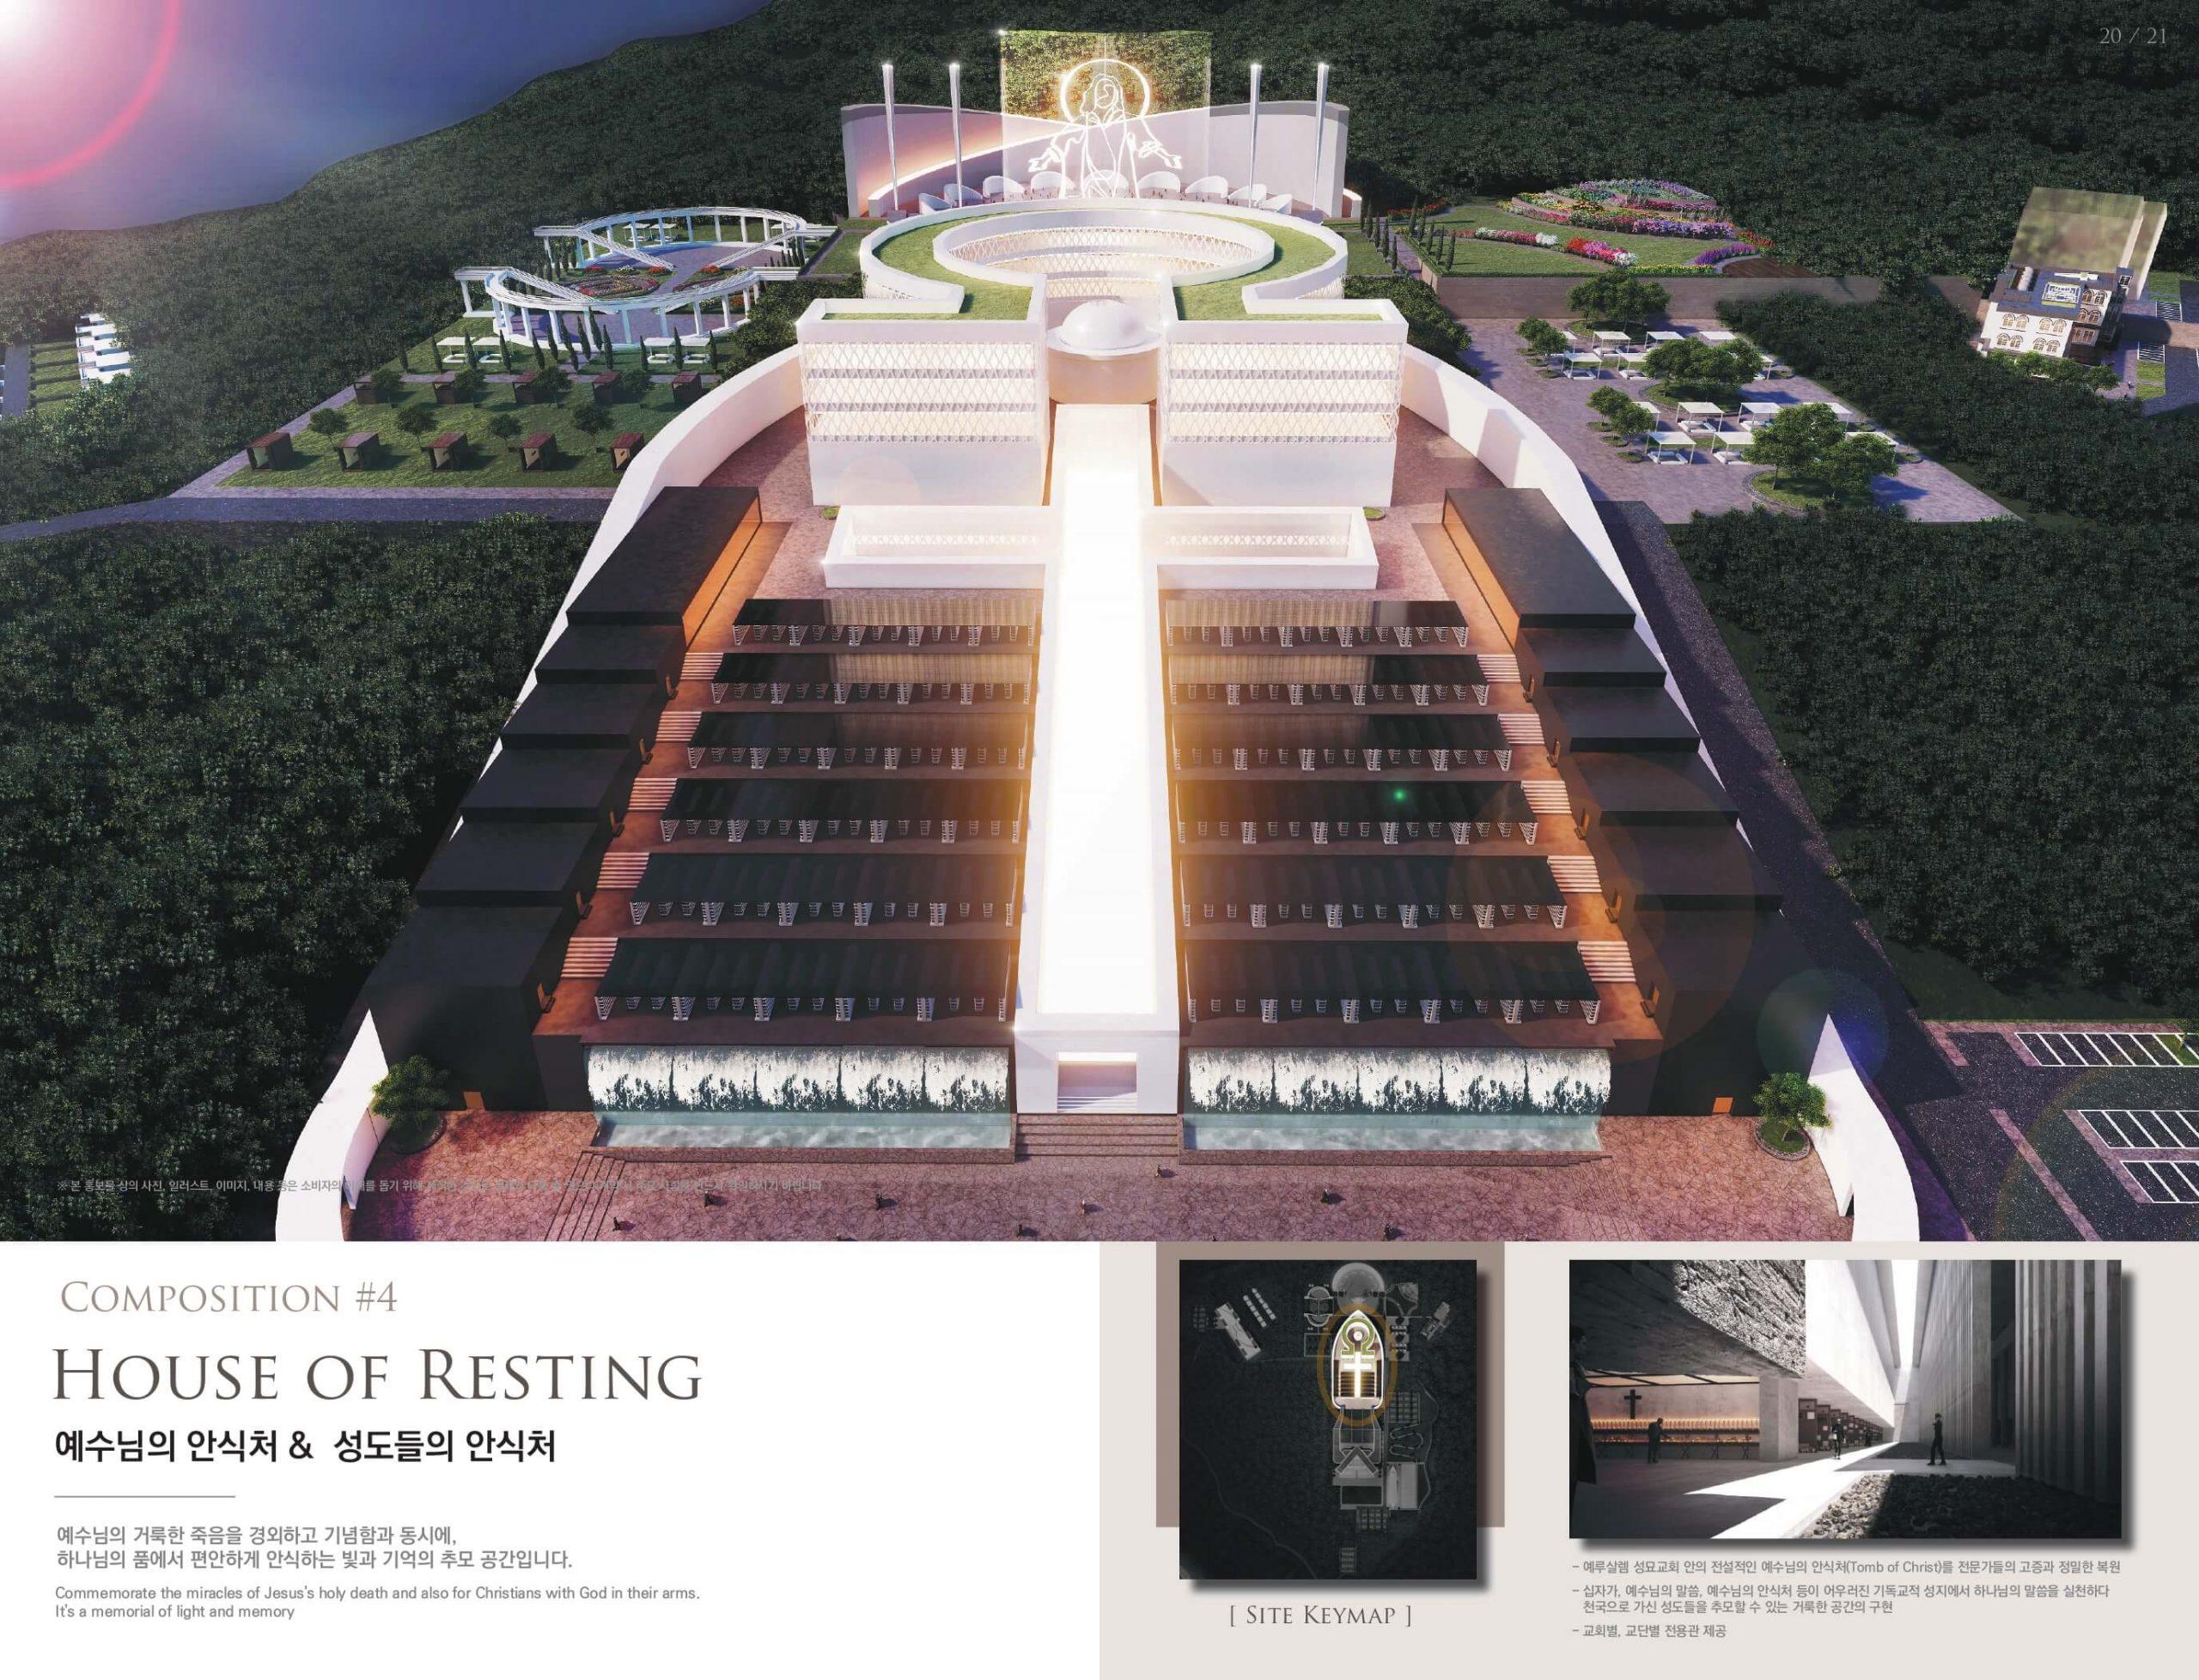 한국기독교성지문화원 홈페이지 사진 이미지 (10)